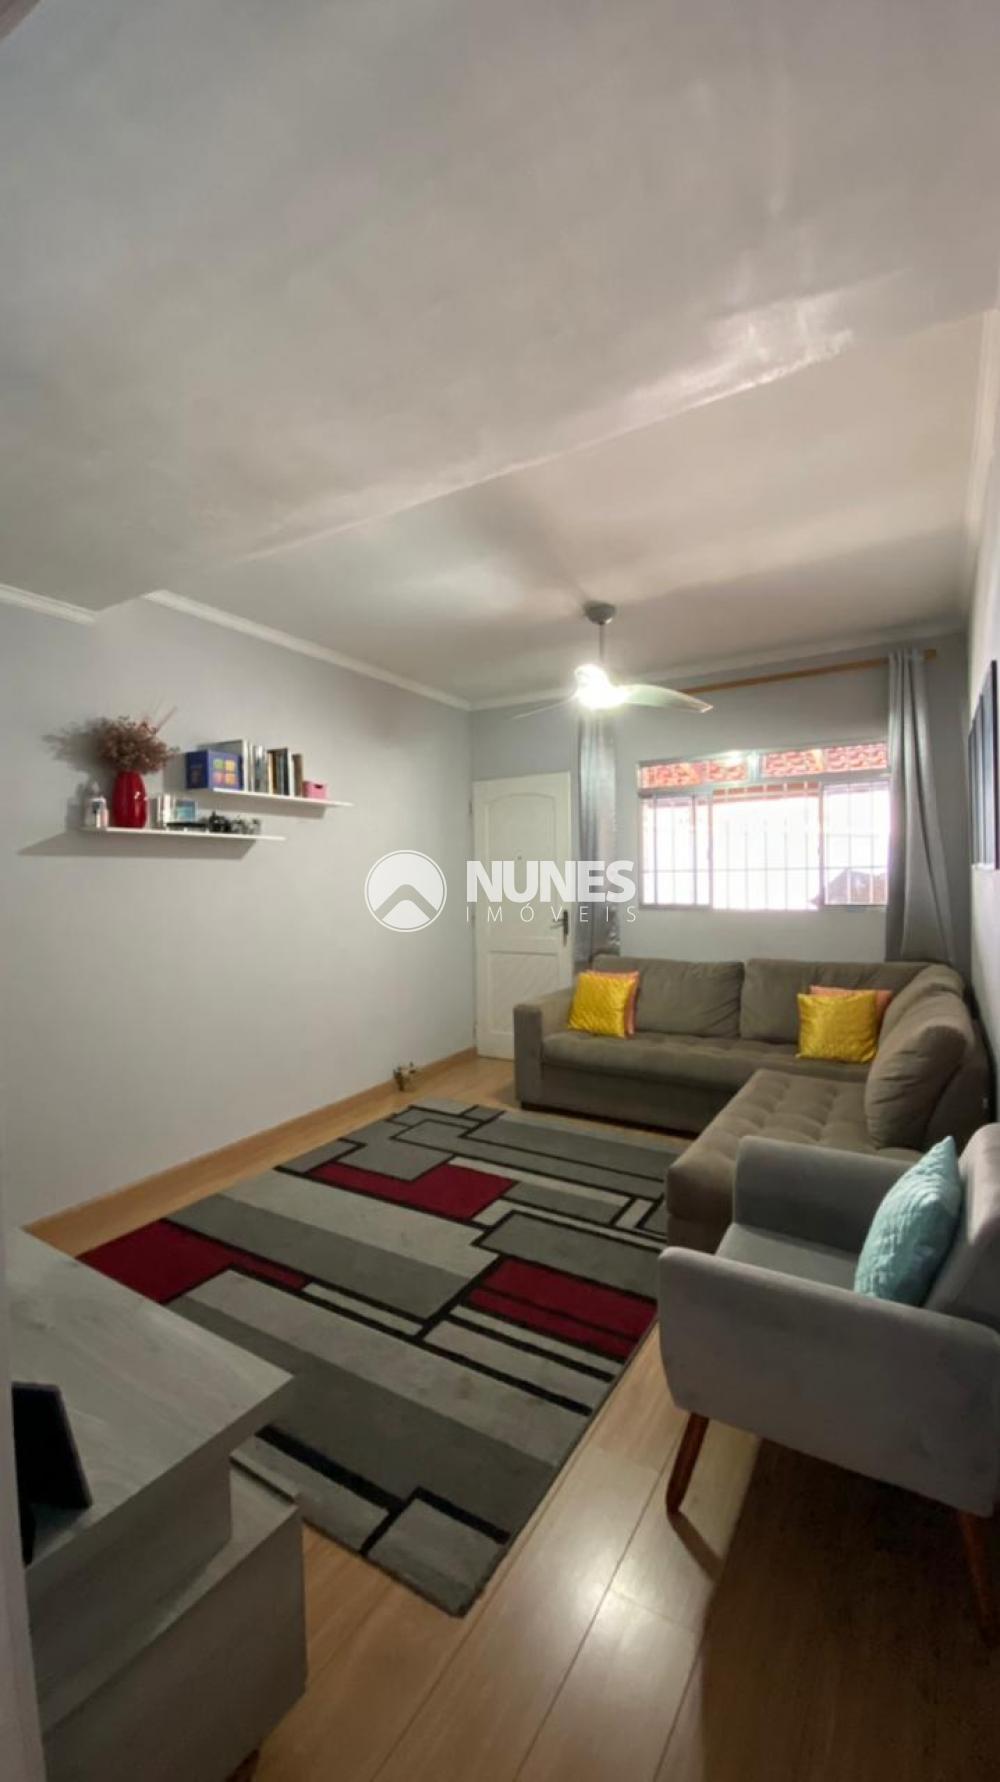 Comprar Casa / Sobrado em Barueri R$ 350.000,00 - Foto 7